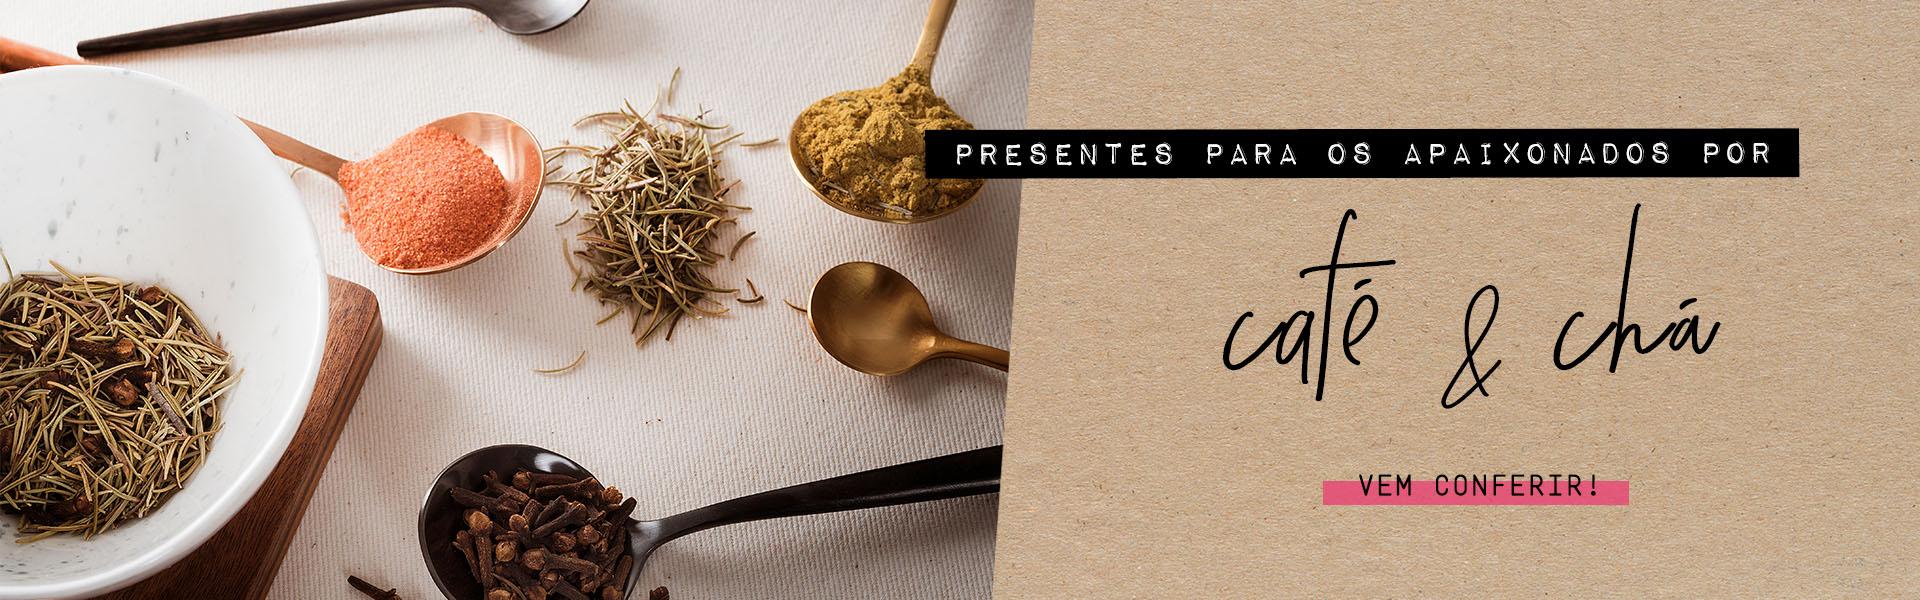 natal-banner-cafe-e-cha-02